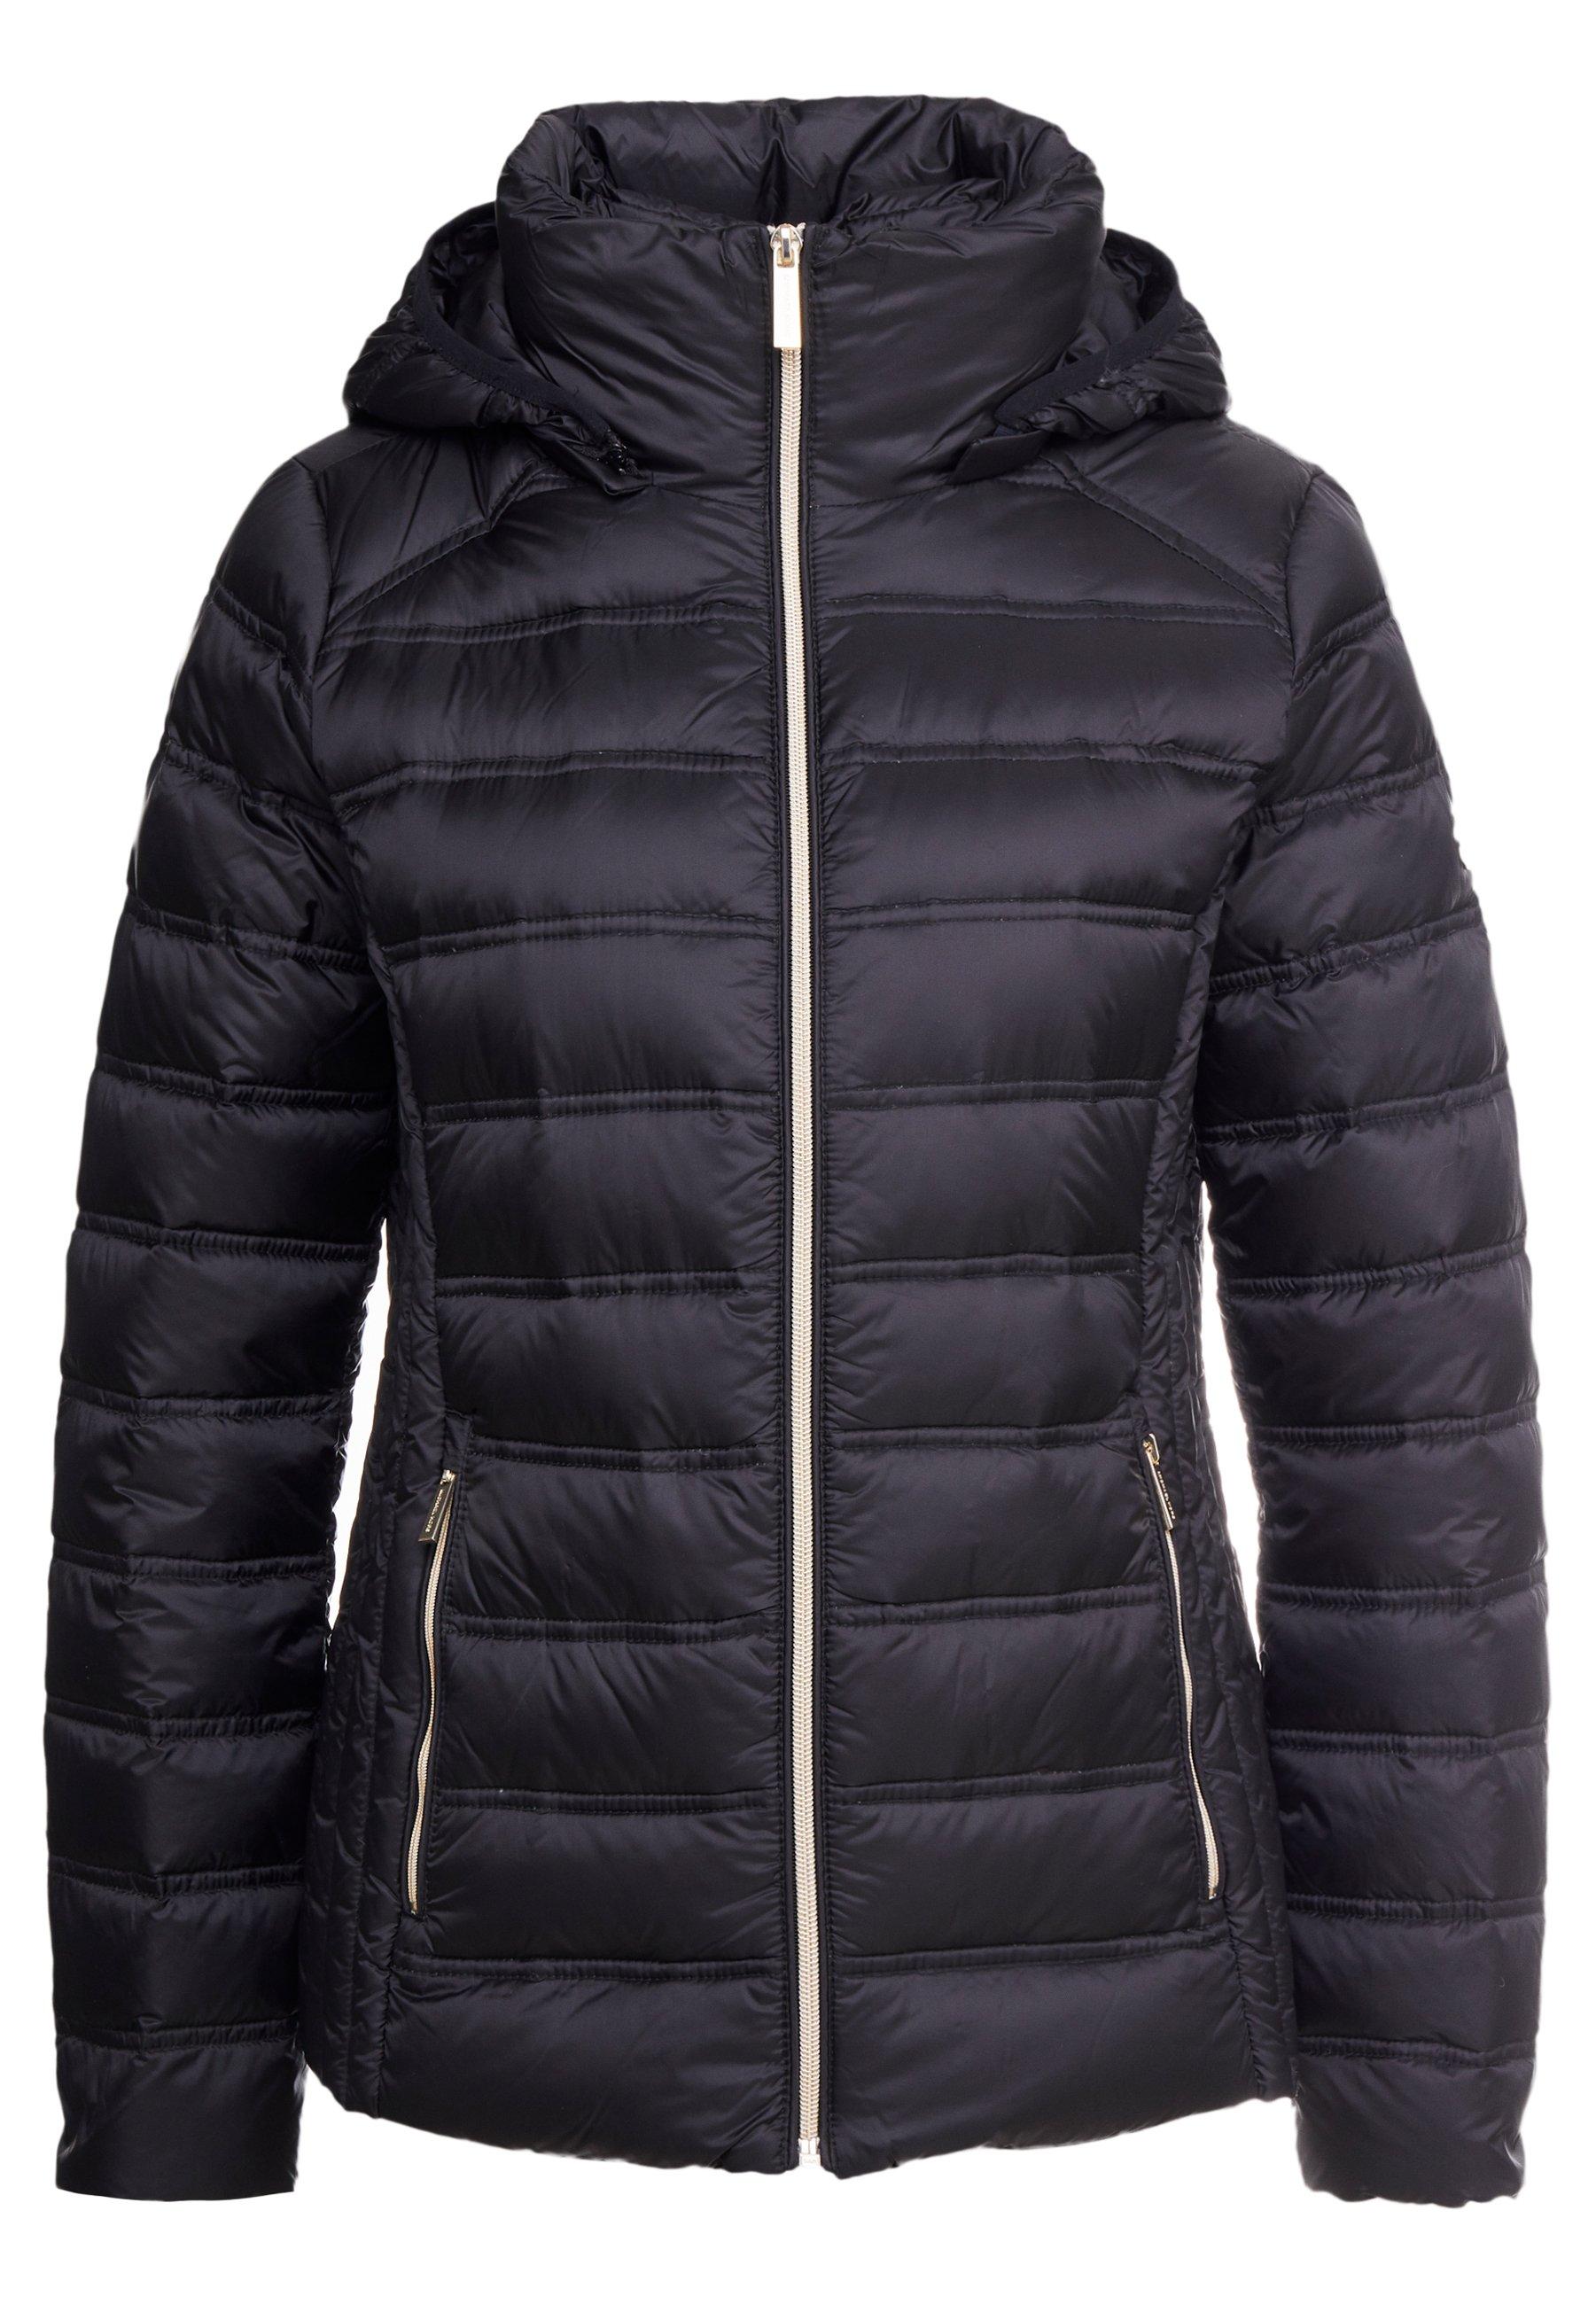 Michael Kors Short Packable Puffer With Hood - Dunjakke Dark Navy